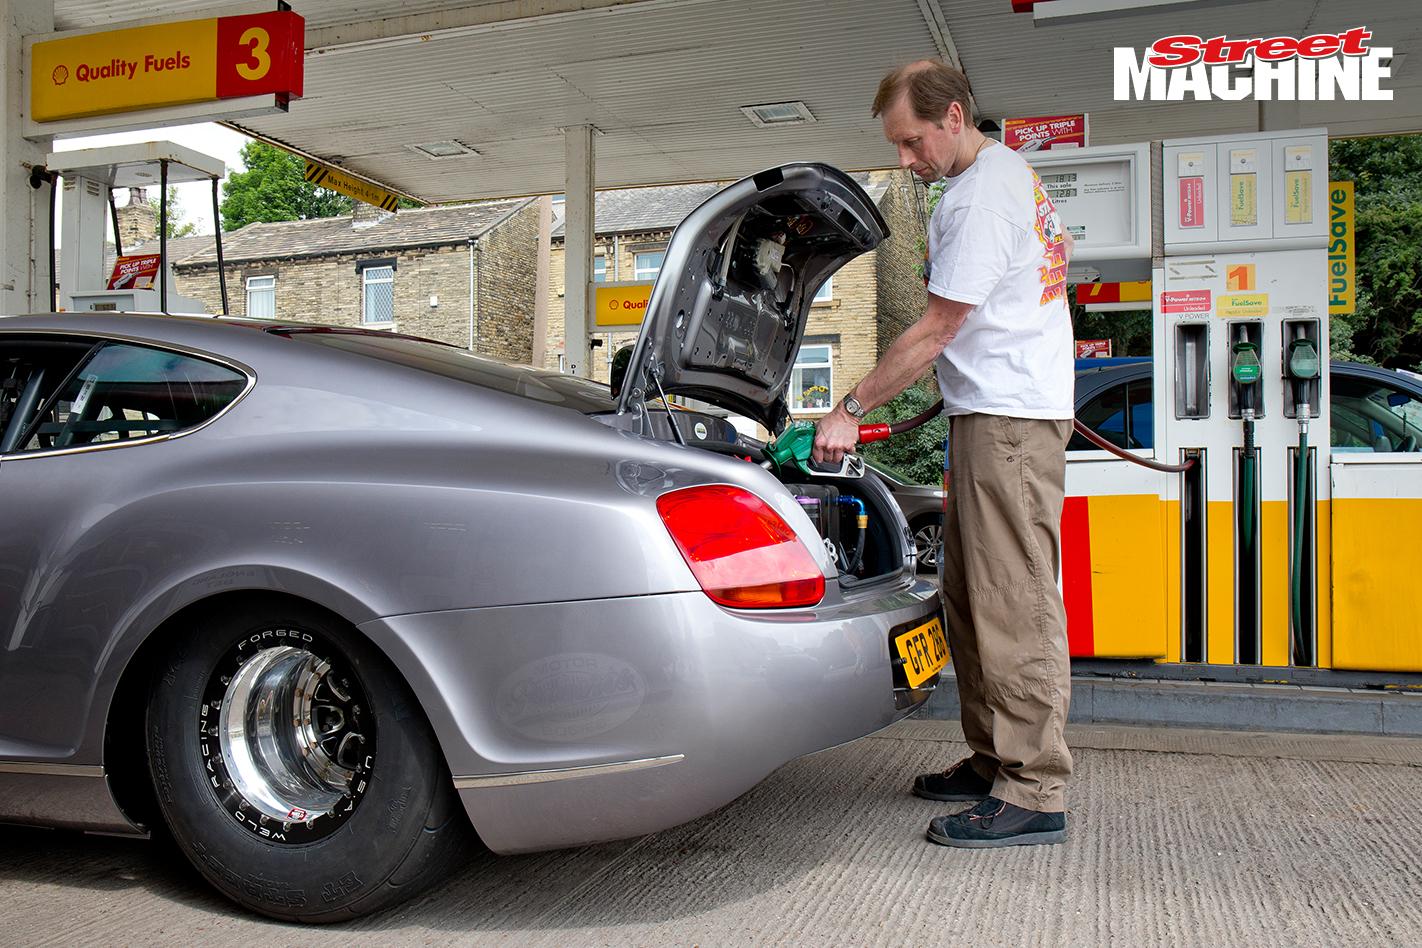 Bentley GT Drag Race Car 3 Nw